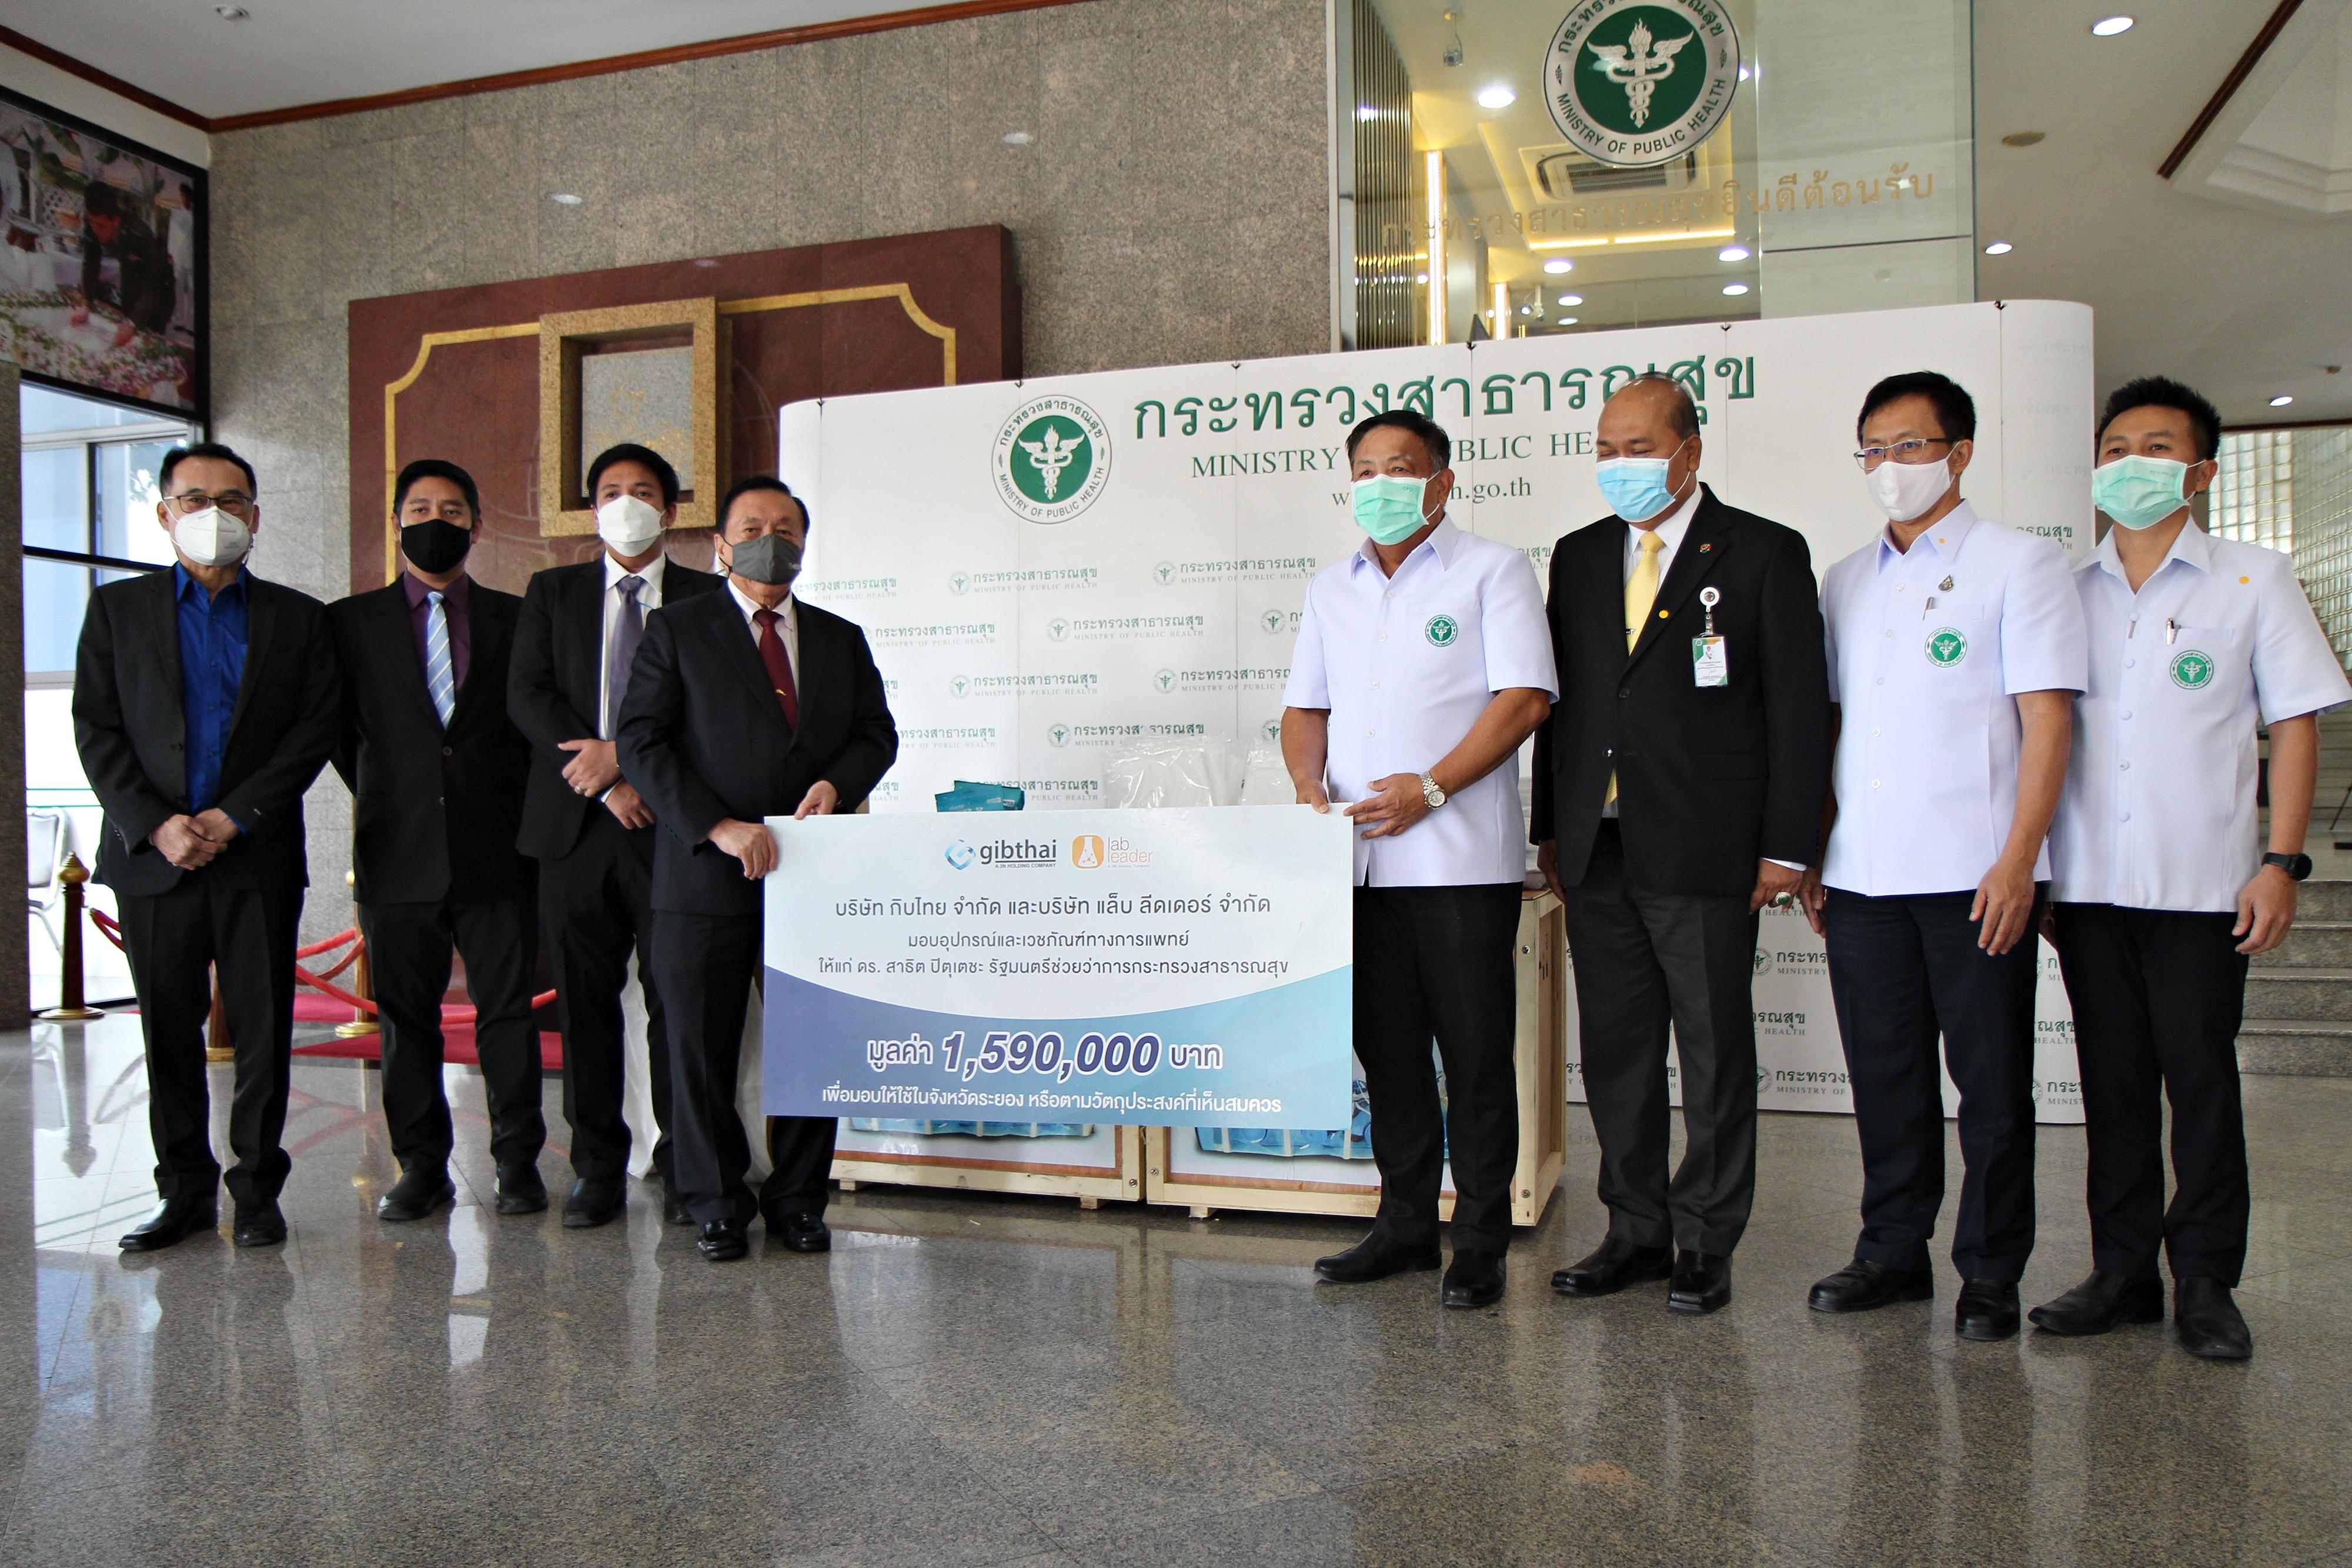 บริษัท กิบไทย จำกัด บริจาคอุปกรณ์และเวชภัณฑ์ทางทางการแพทย์ให้กับ ดร.สาธิต ปิตุเตชะ รัฐมนตรีช่วยว่าการกระทรวงสาธารณสุข